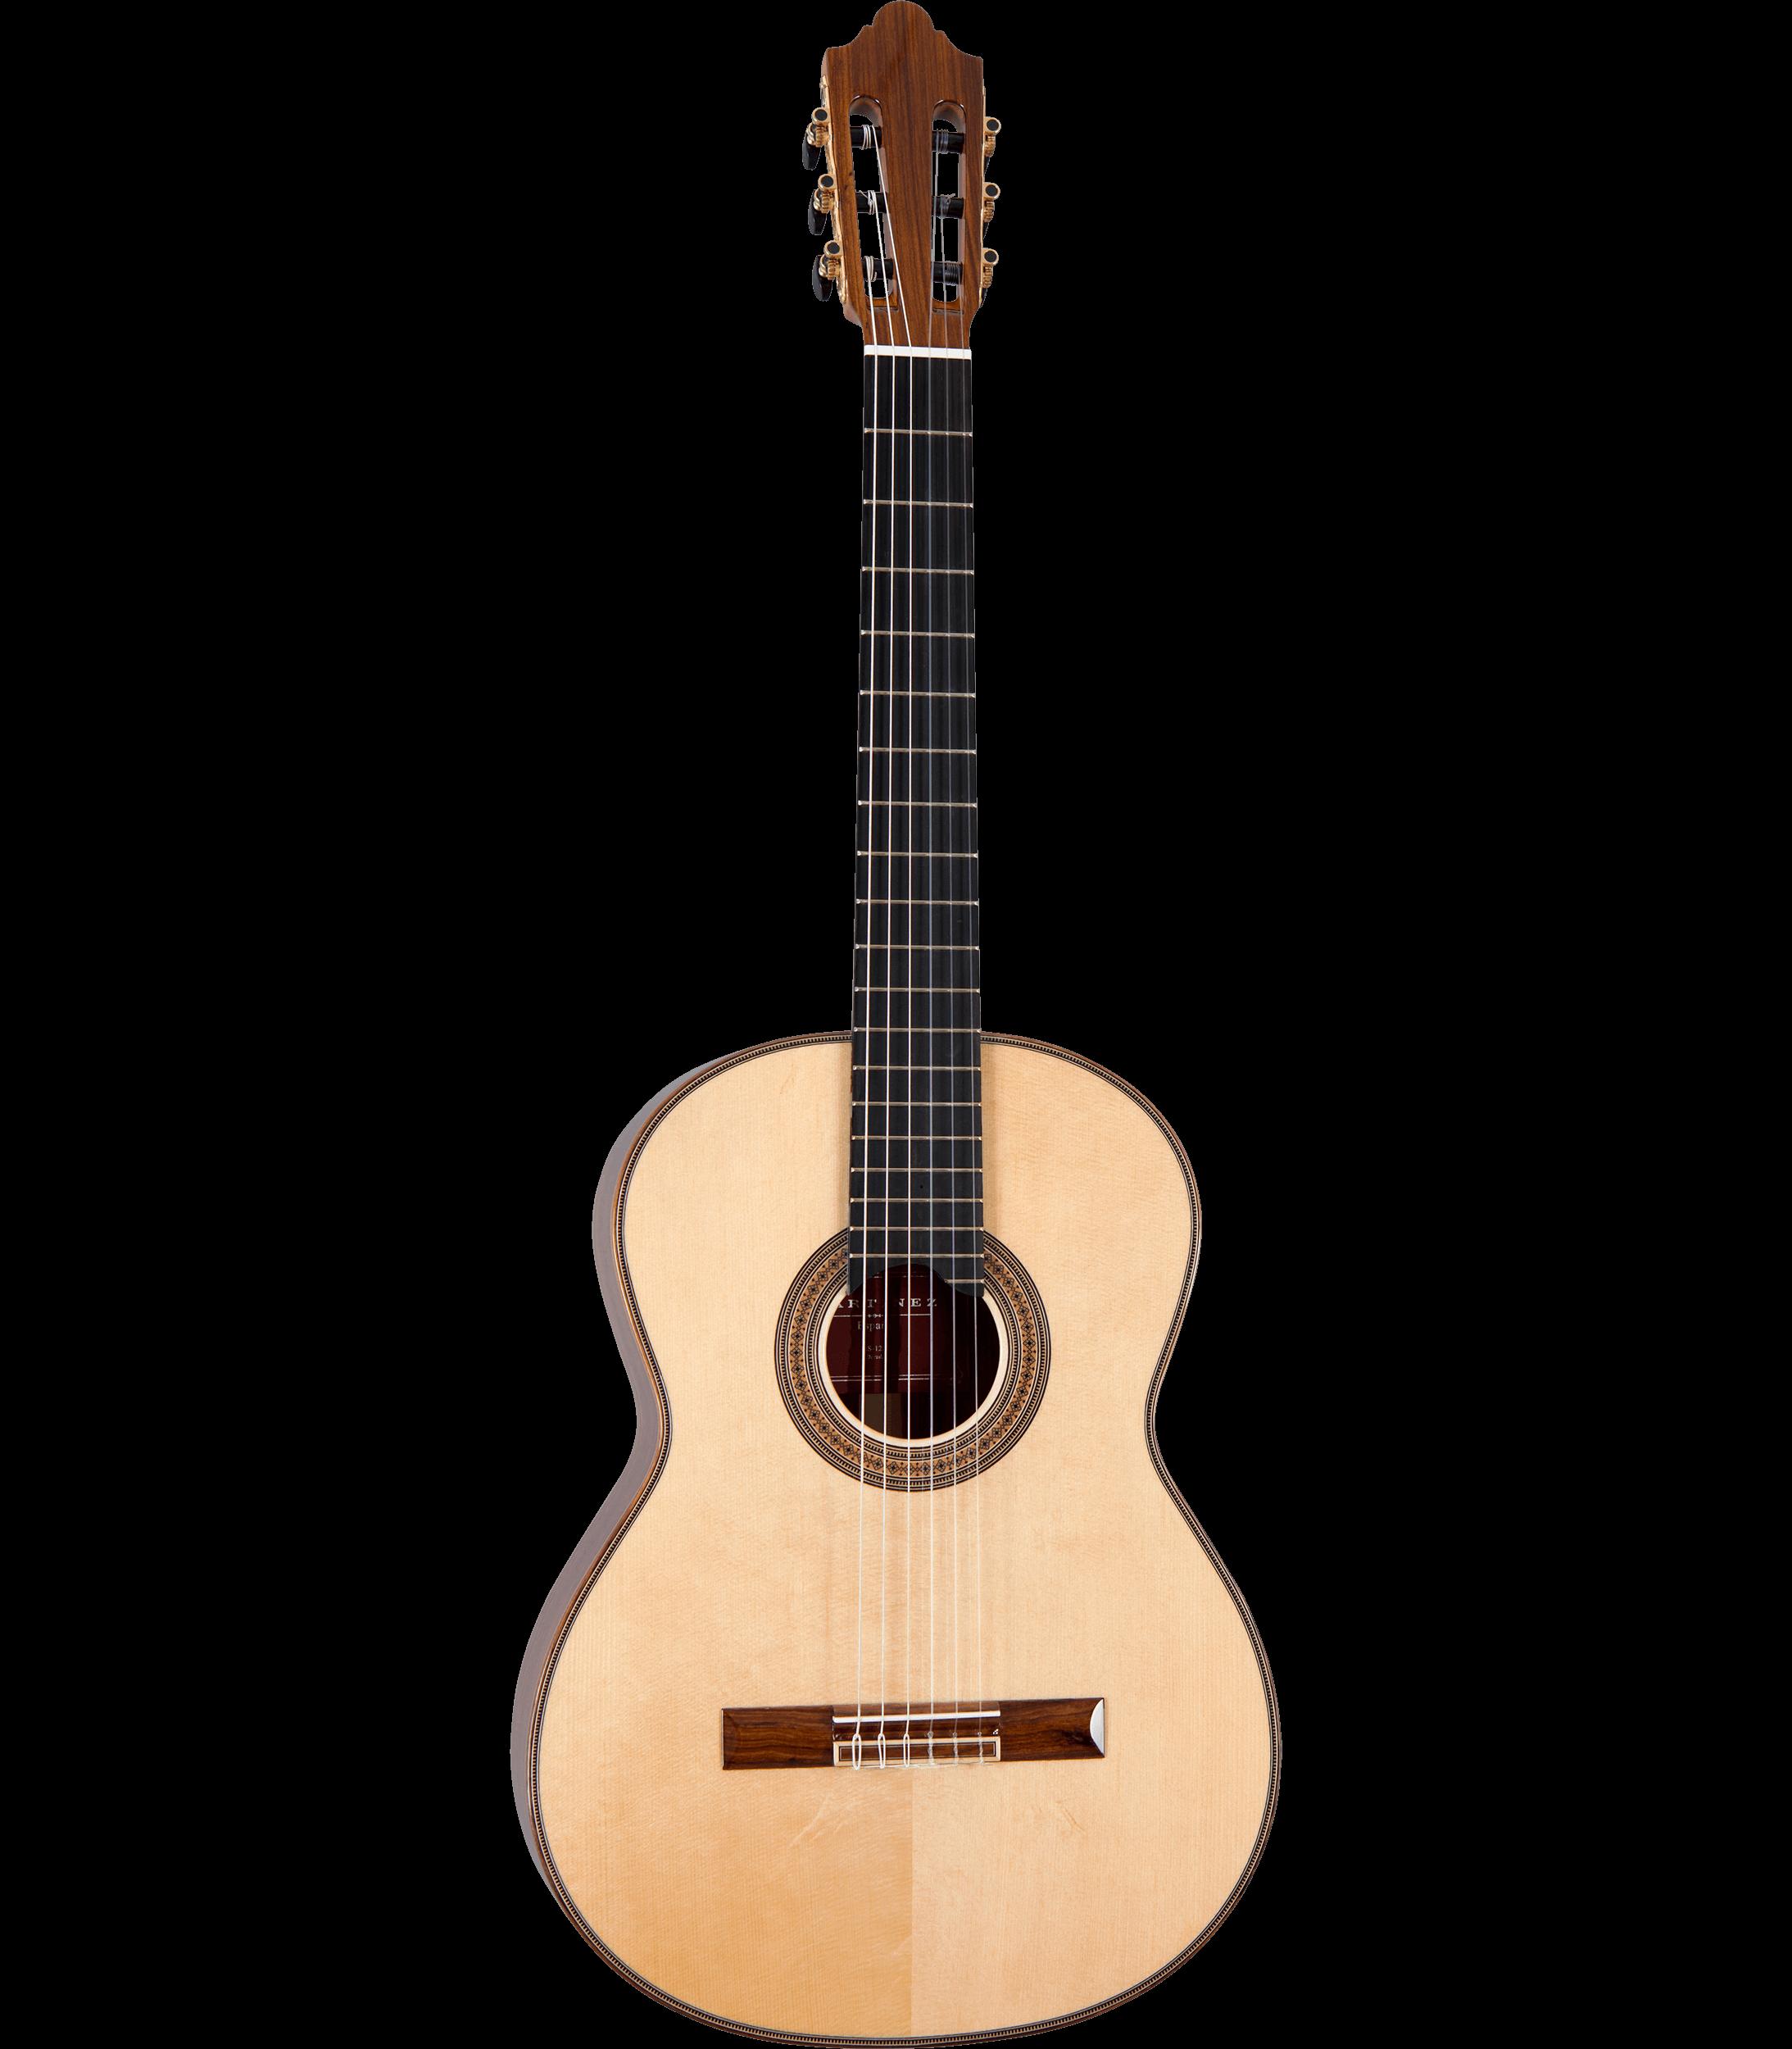 Martinez ES-14S